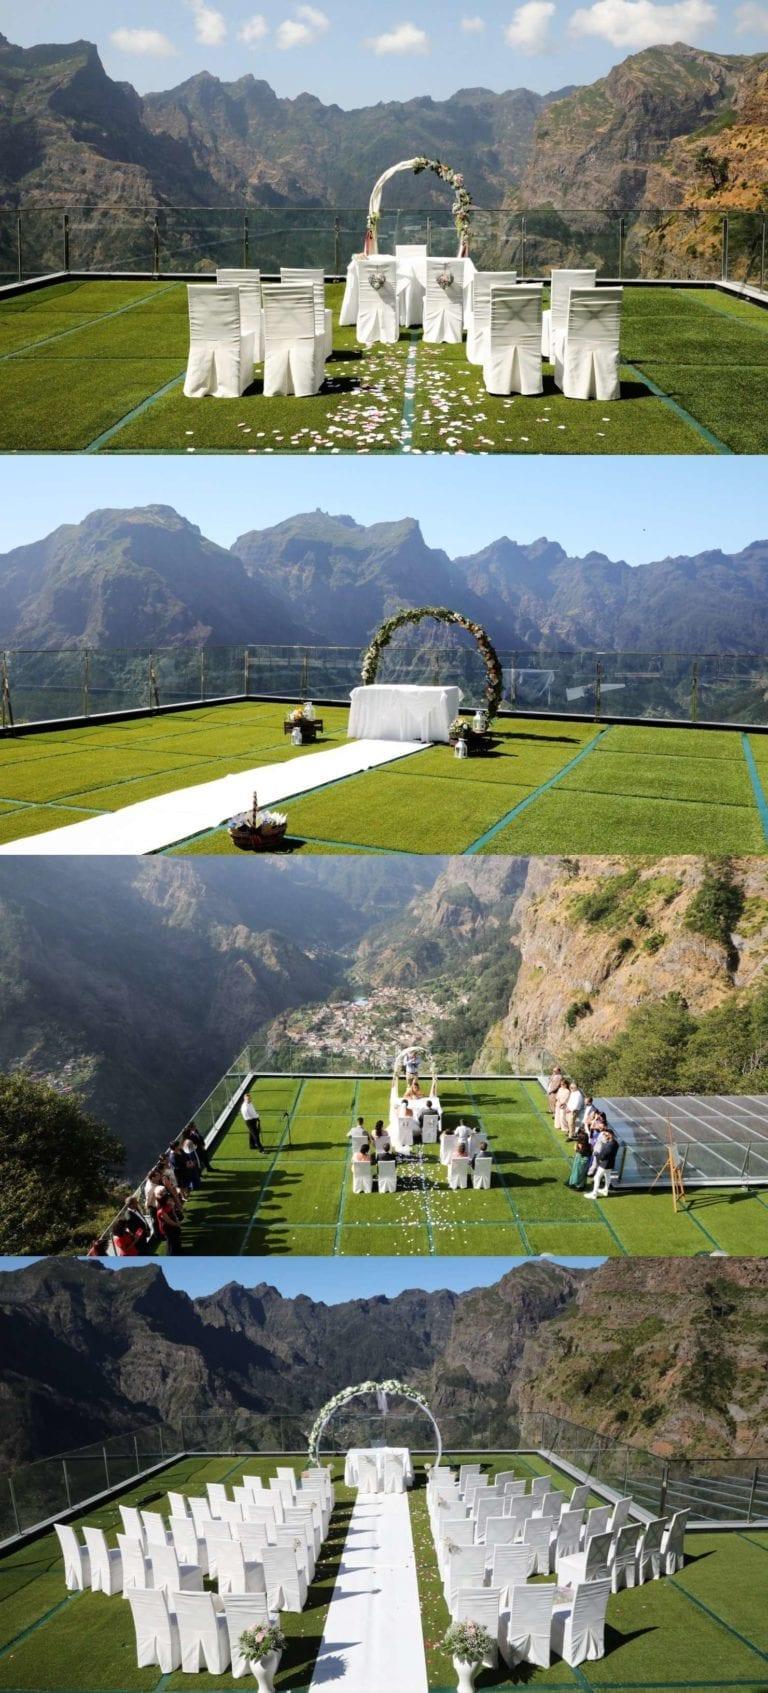 Niesamowite miejsce na ślub w górach - ślub w górach za granicą - ślub na Maderze - slub z widokiem na góry